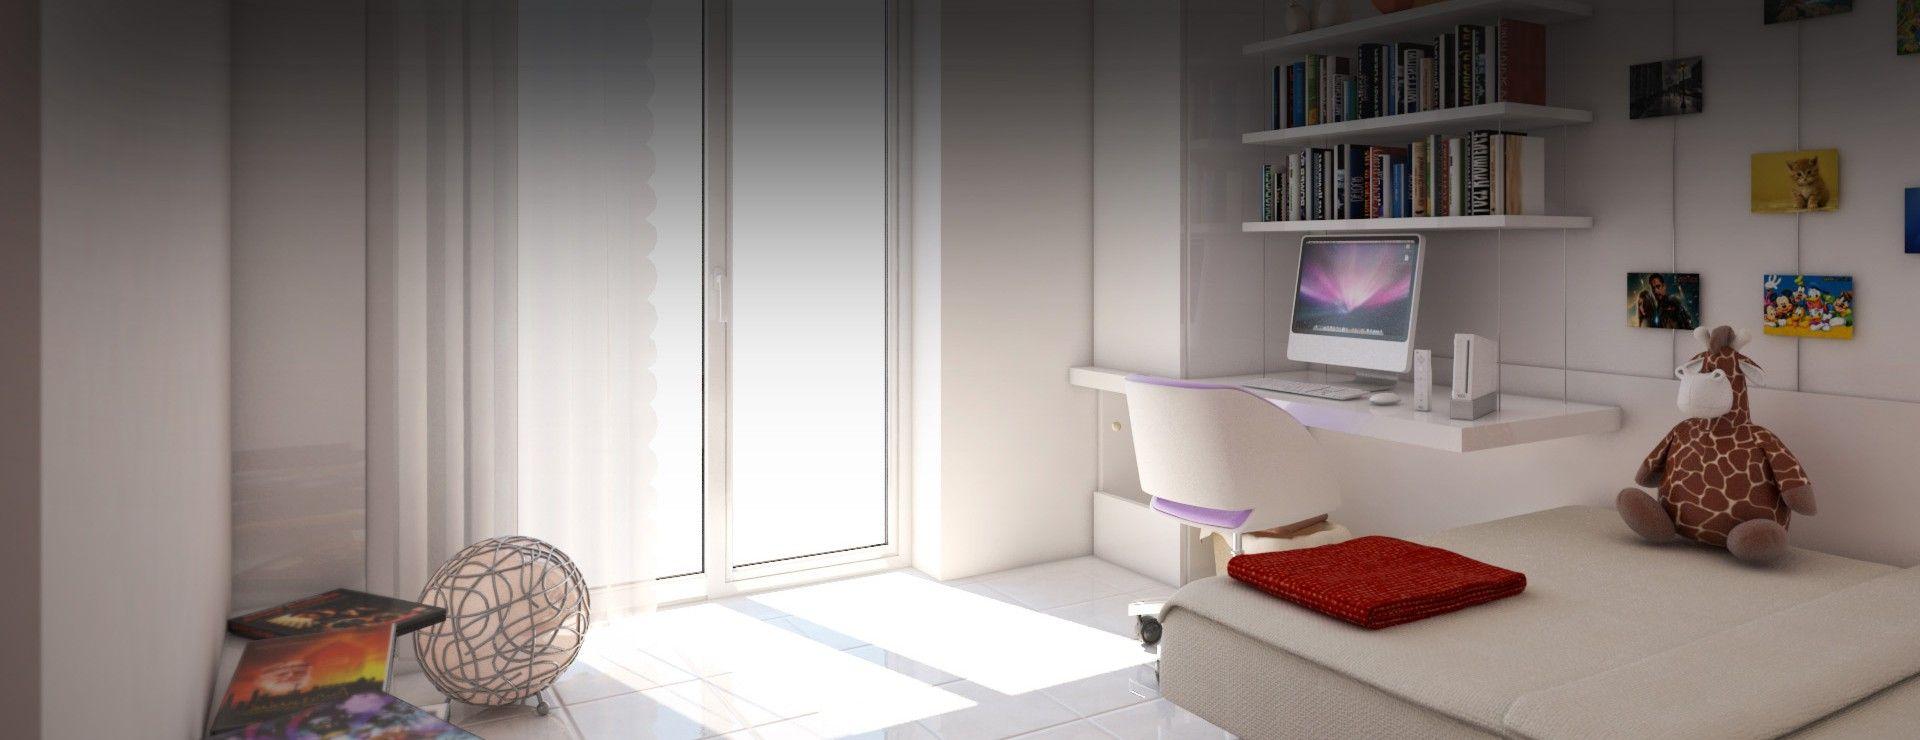 Progetto camera da letto singola progetto e modello 3d federico colarossi render stefano - Progetto camera da letto ...